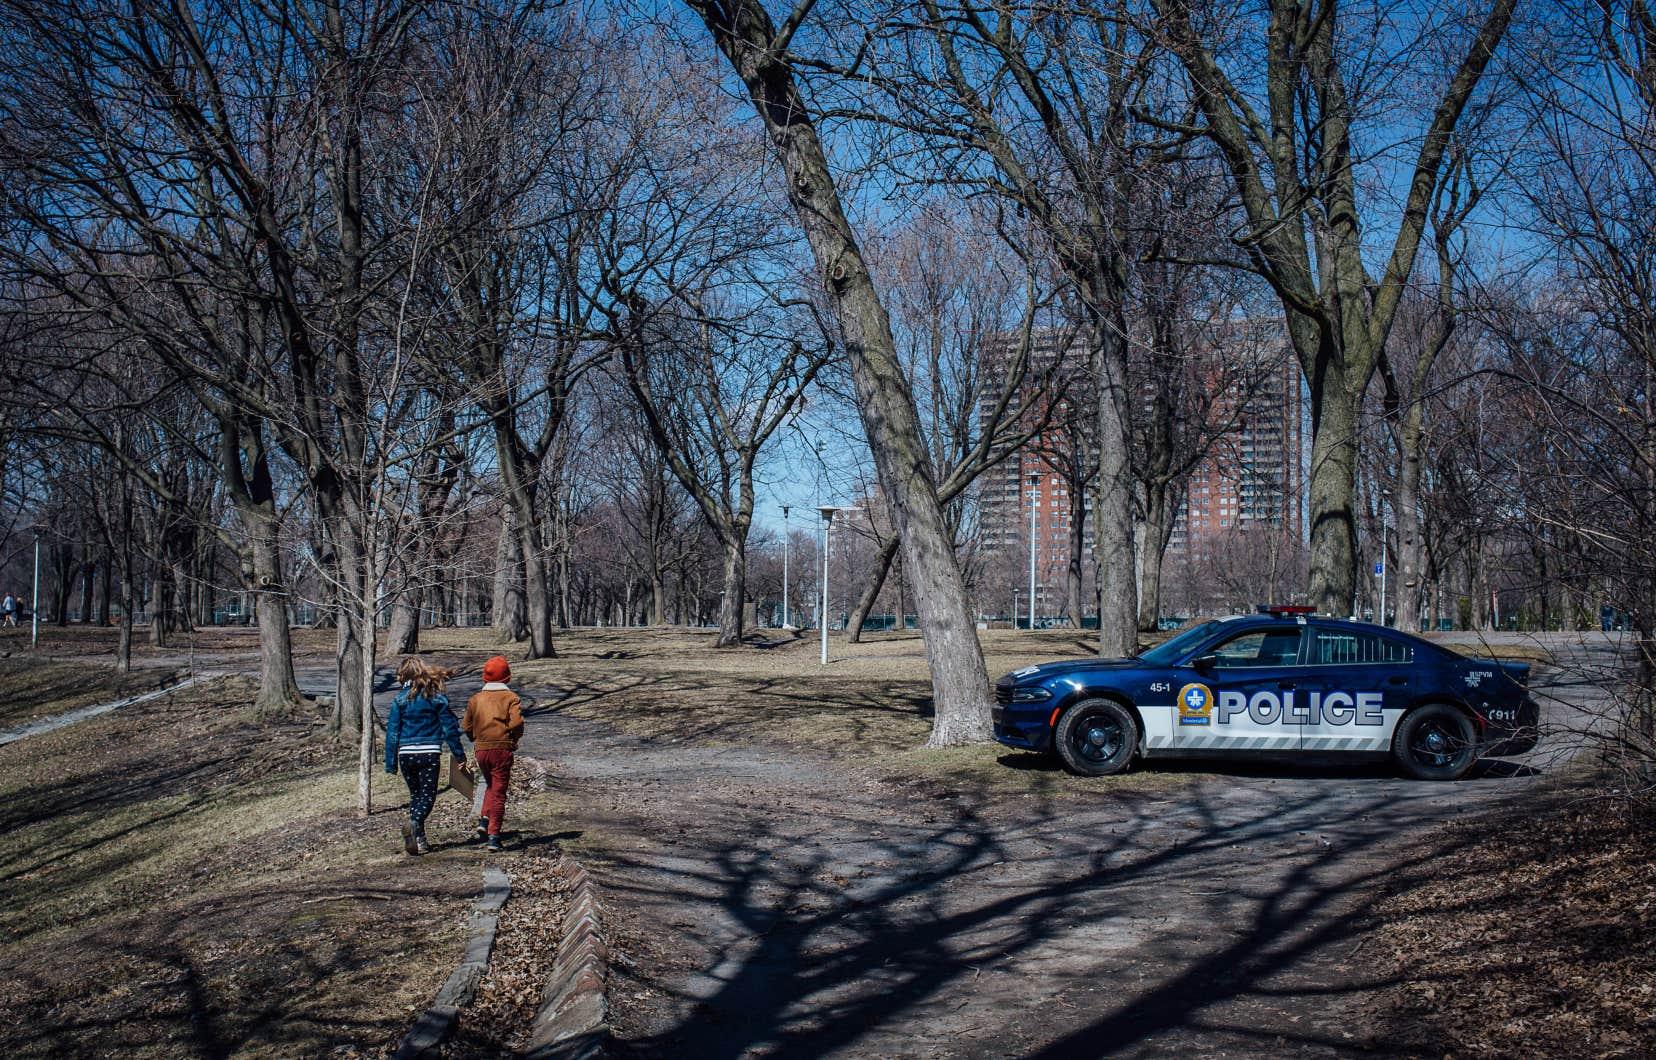 Un manque de sensibilité semble persister au sein du corps de police, selon une étude.